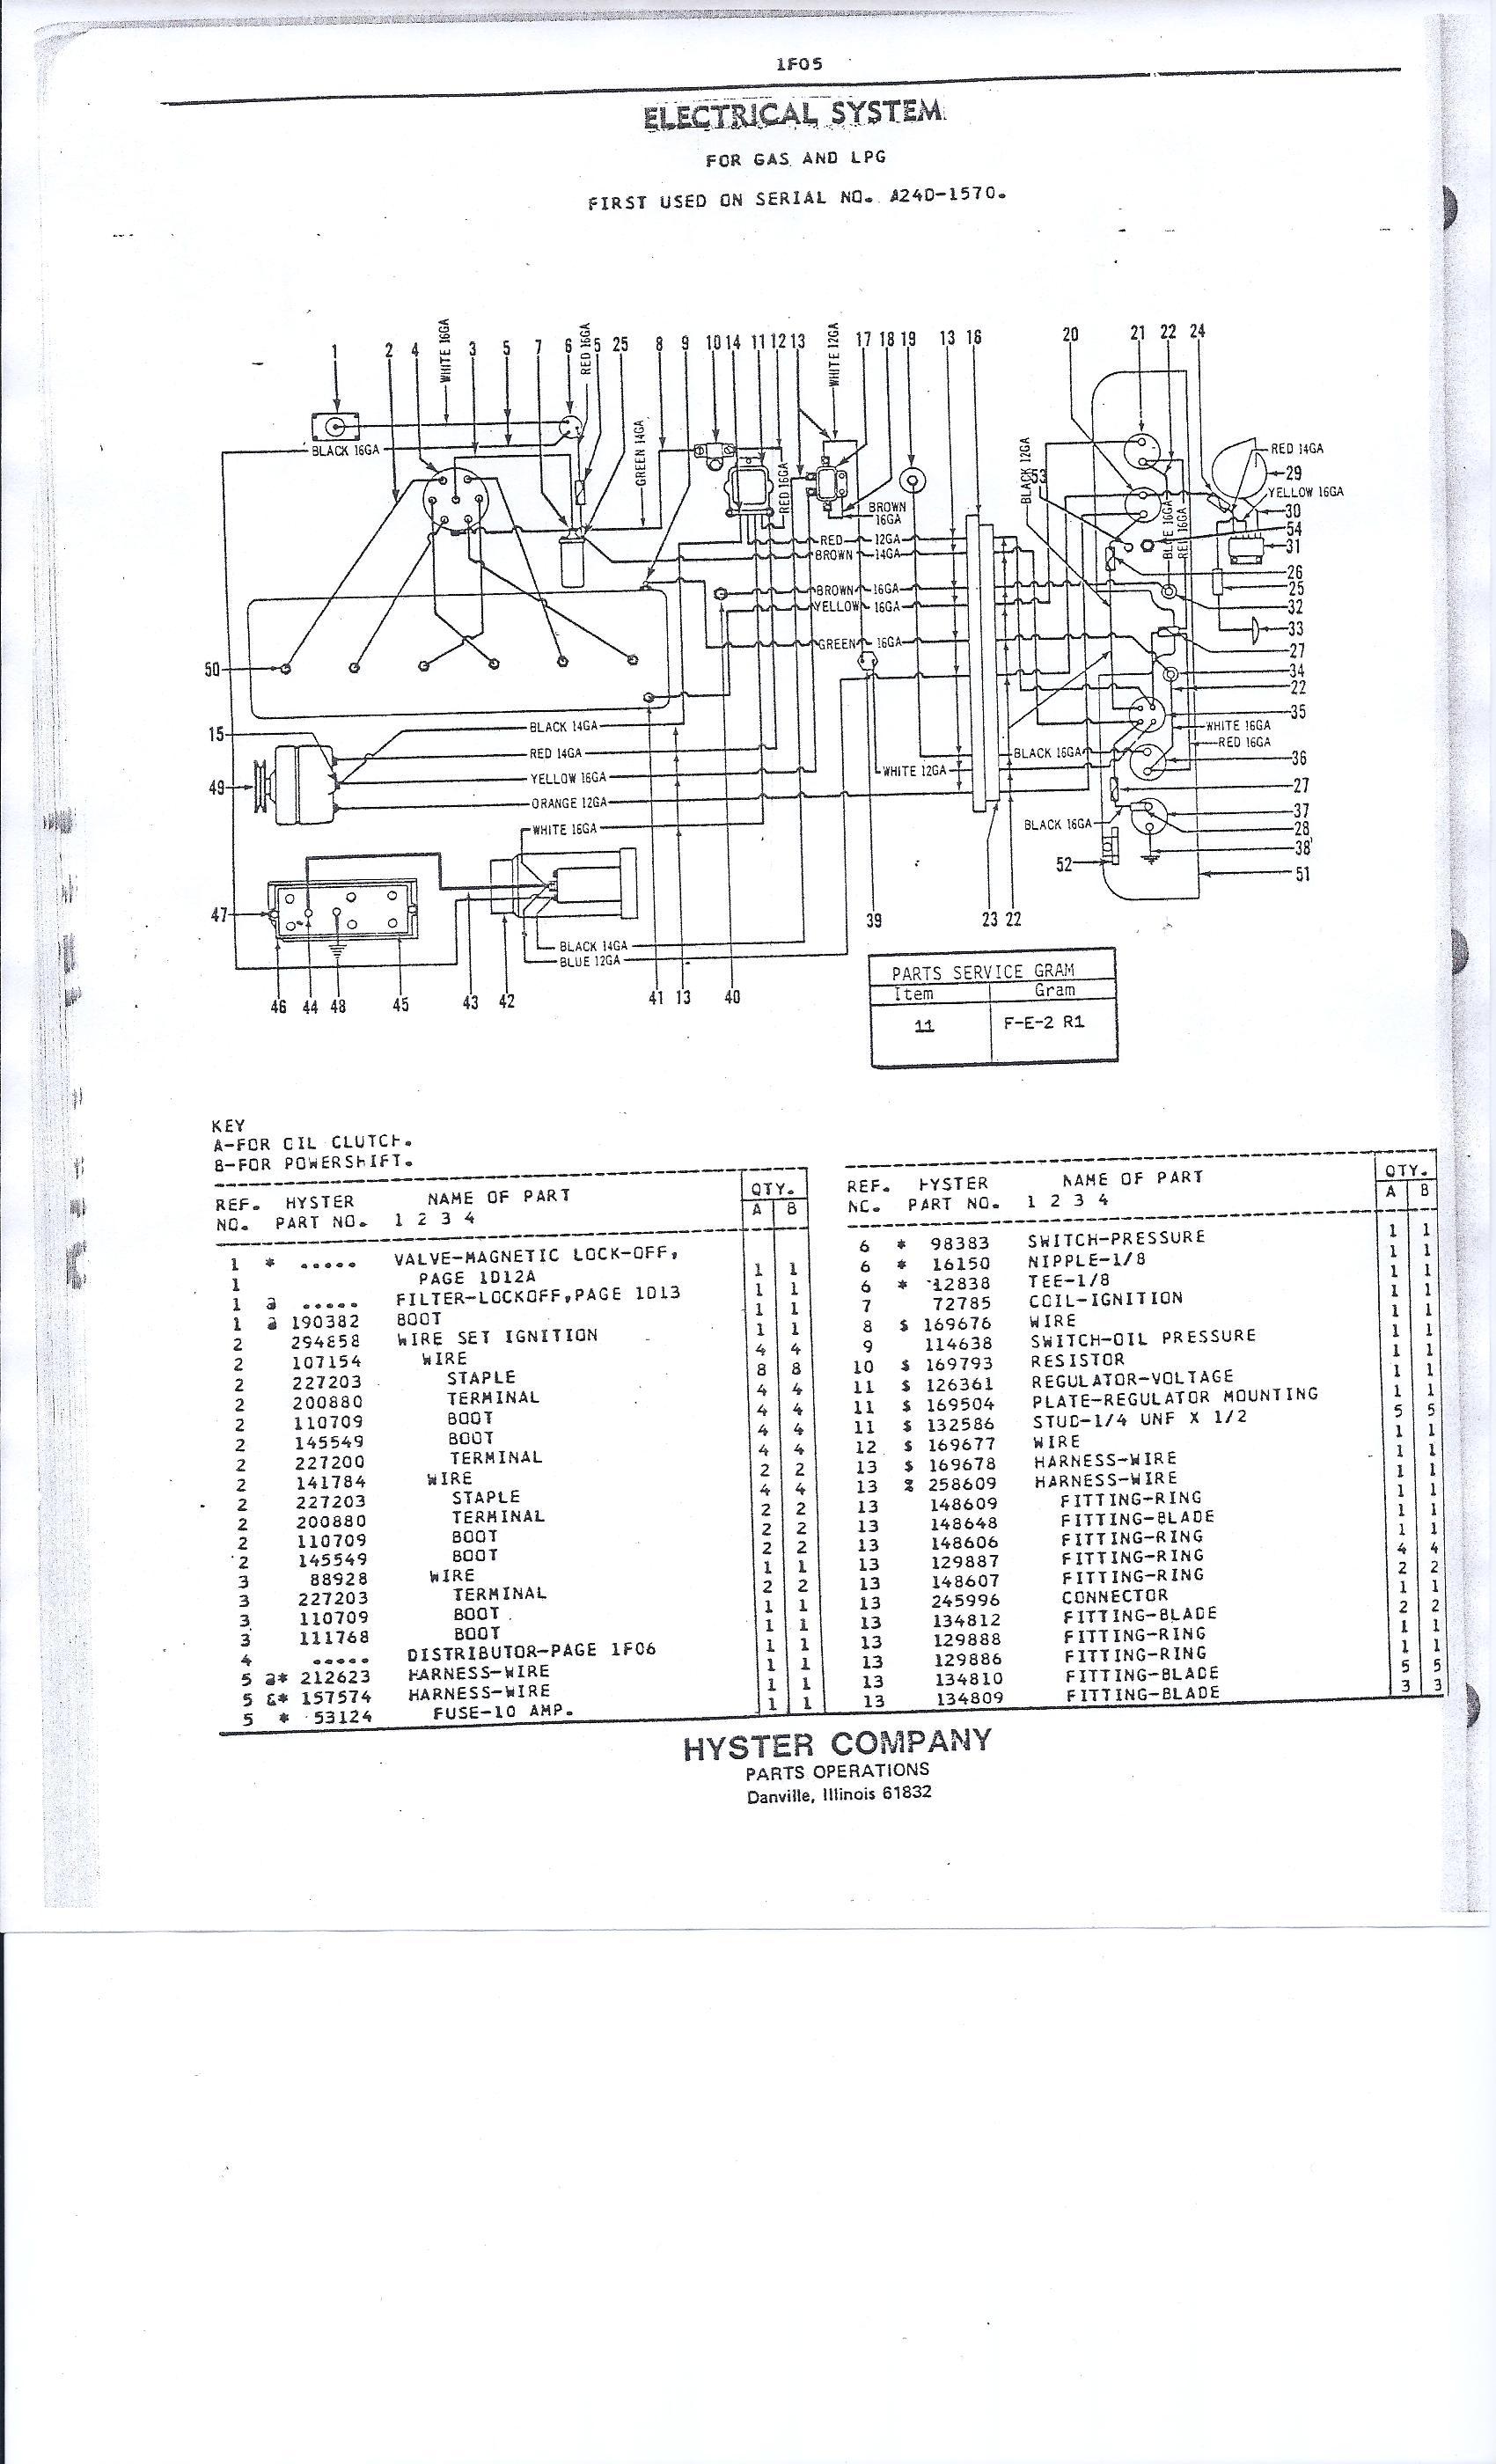 nissan forklift fuse box hyster forklift wiring schematics 1990 wiring diagram data  hyster forklift wiring schematics 1990